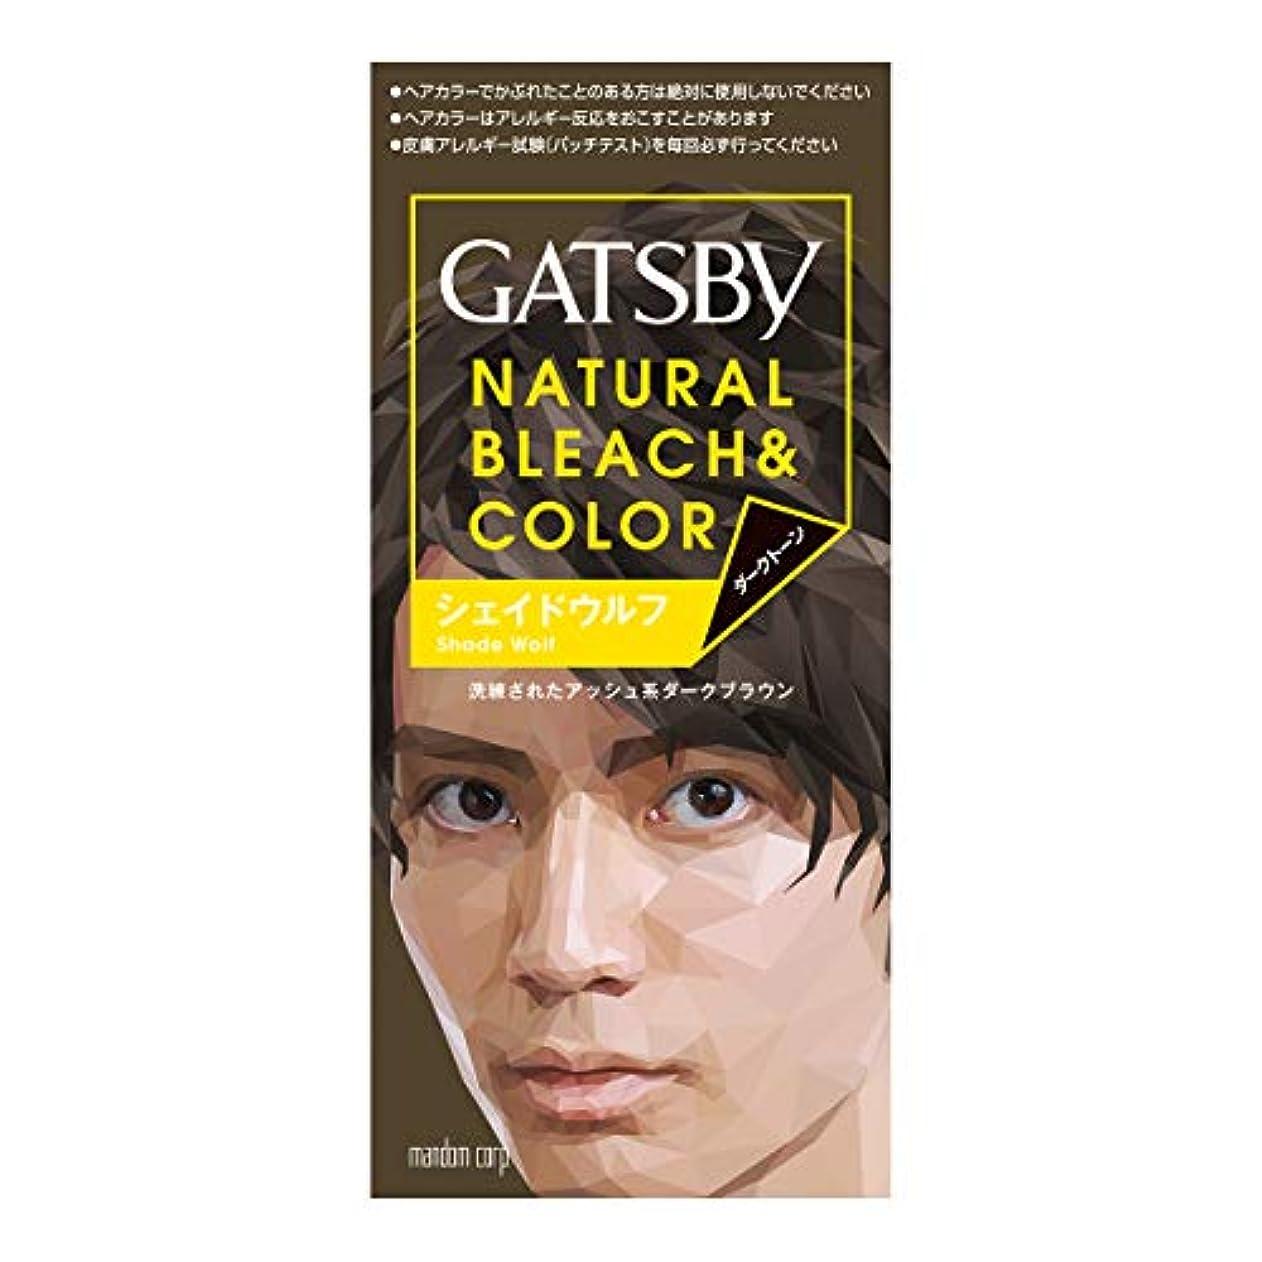 簡単にダース妊娠したGATSBY(ギャツビー) ナチュラルブリーチカラー シェイドウルフ 1剤35g 2剤70mL (医薬部外品)